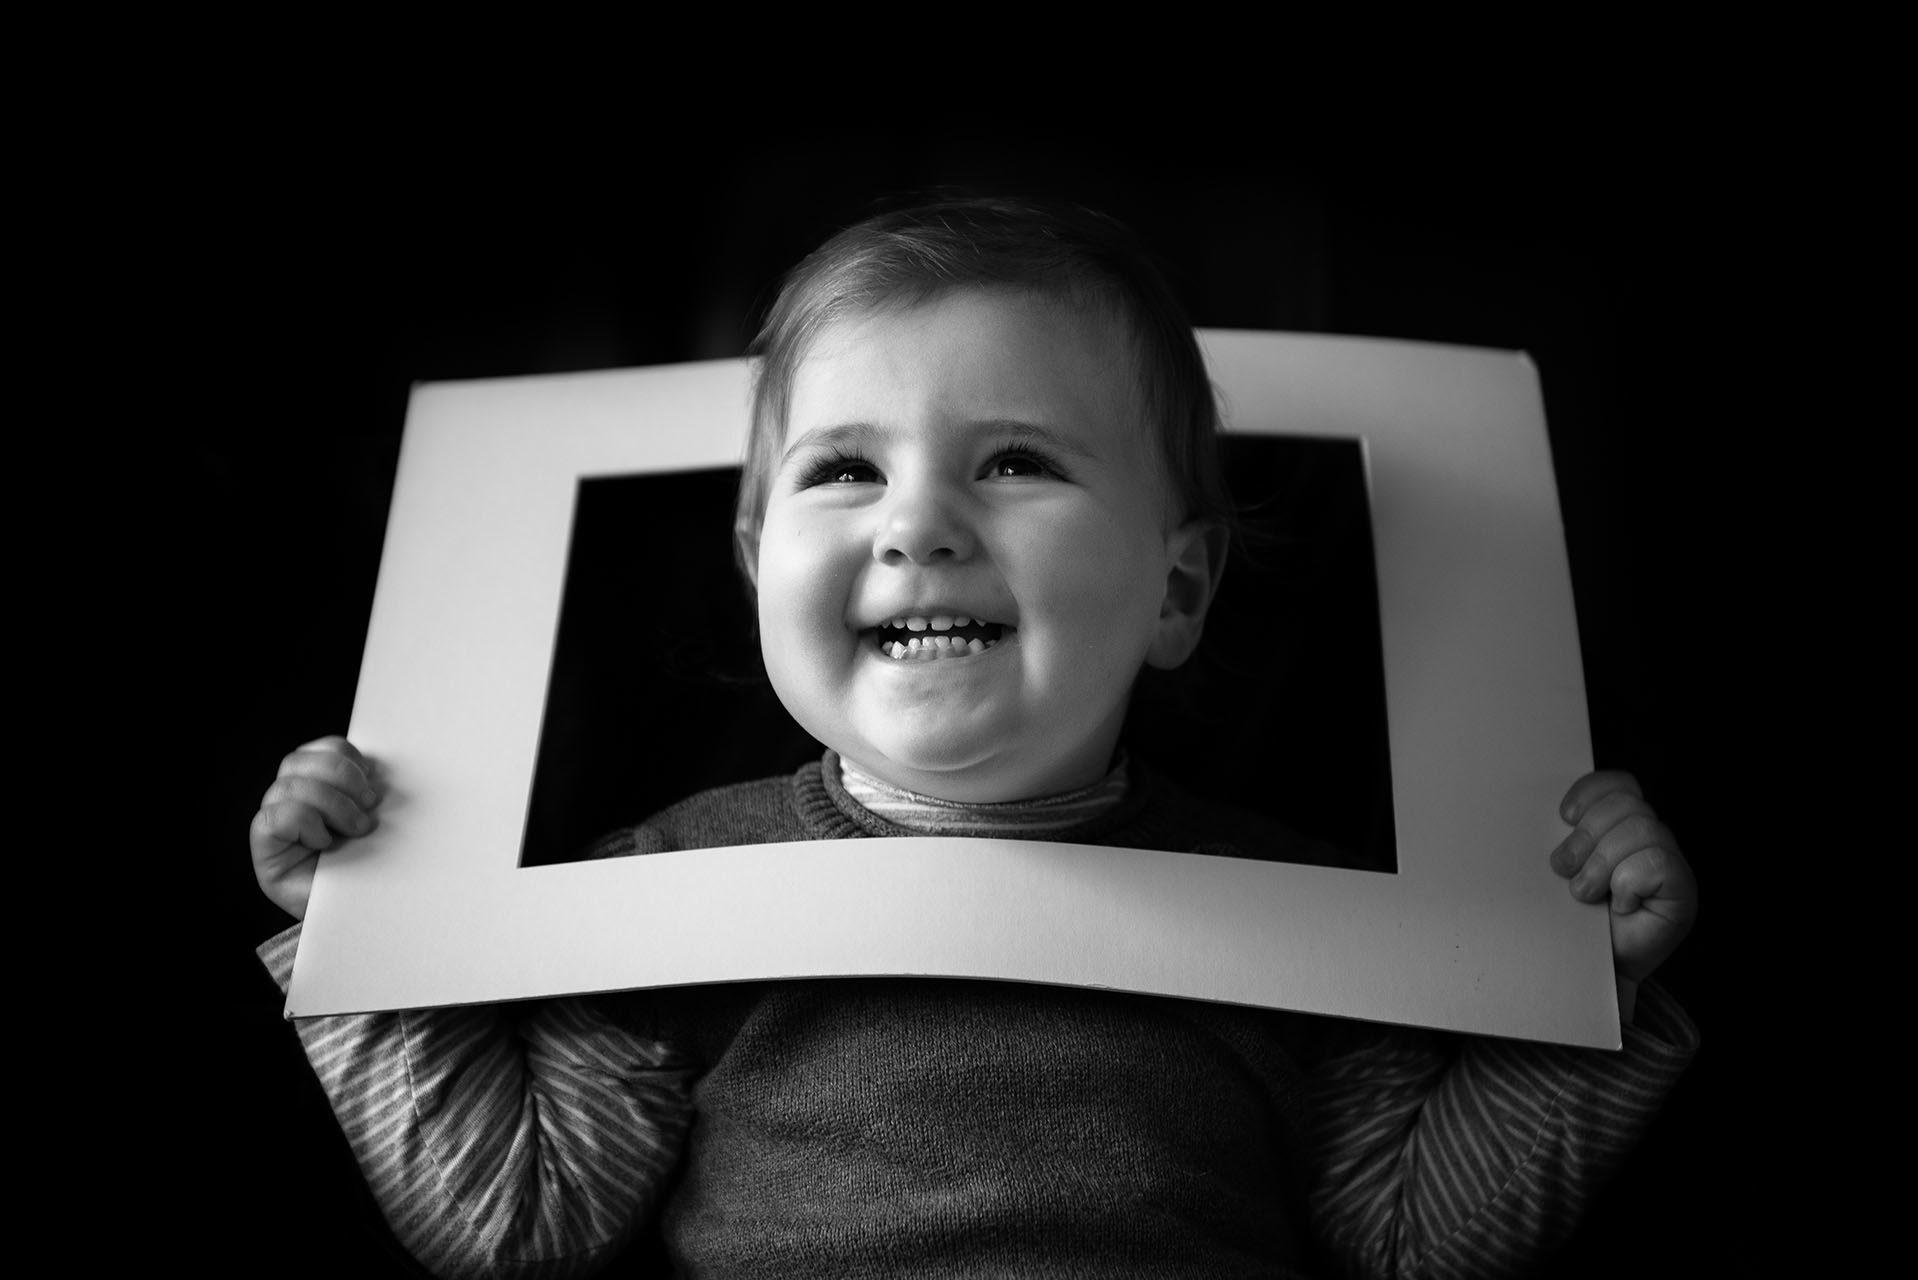 photographe-portraits-projet-des-centenaires-et-des-roses-residence-jean-23-ile-de-france-val-de-marne